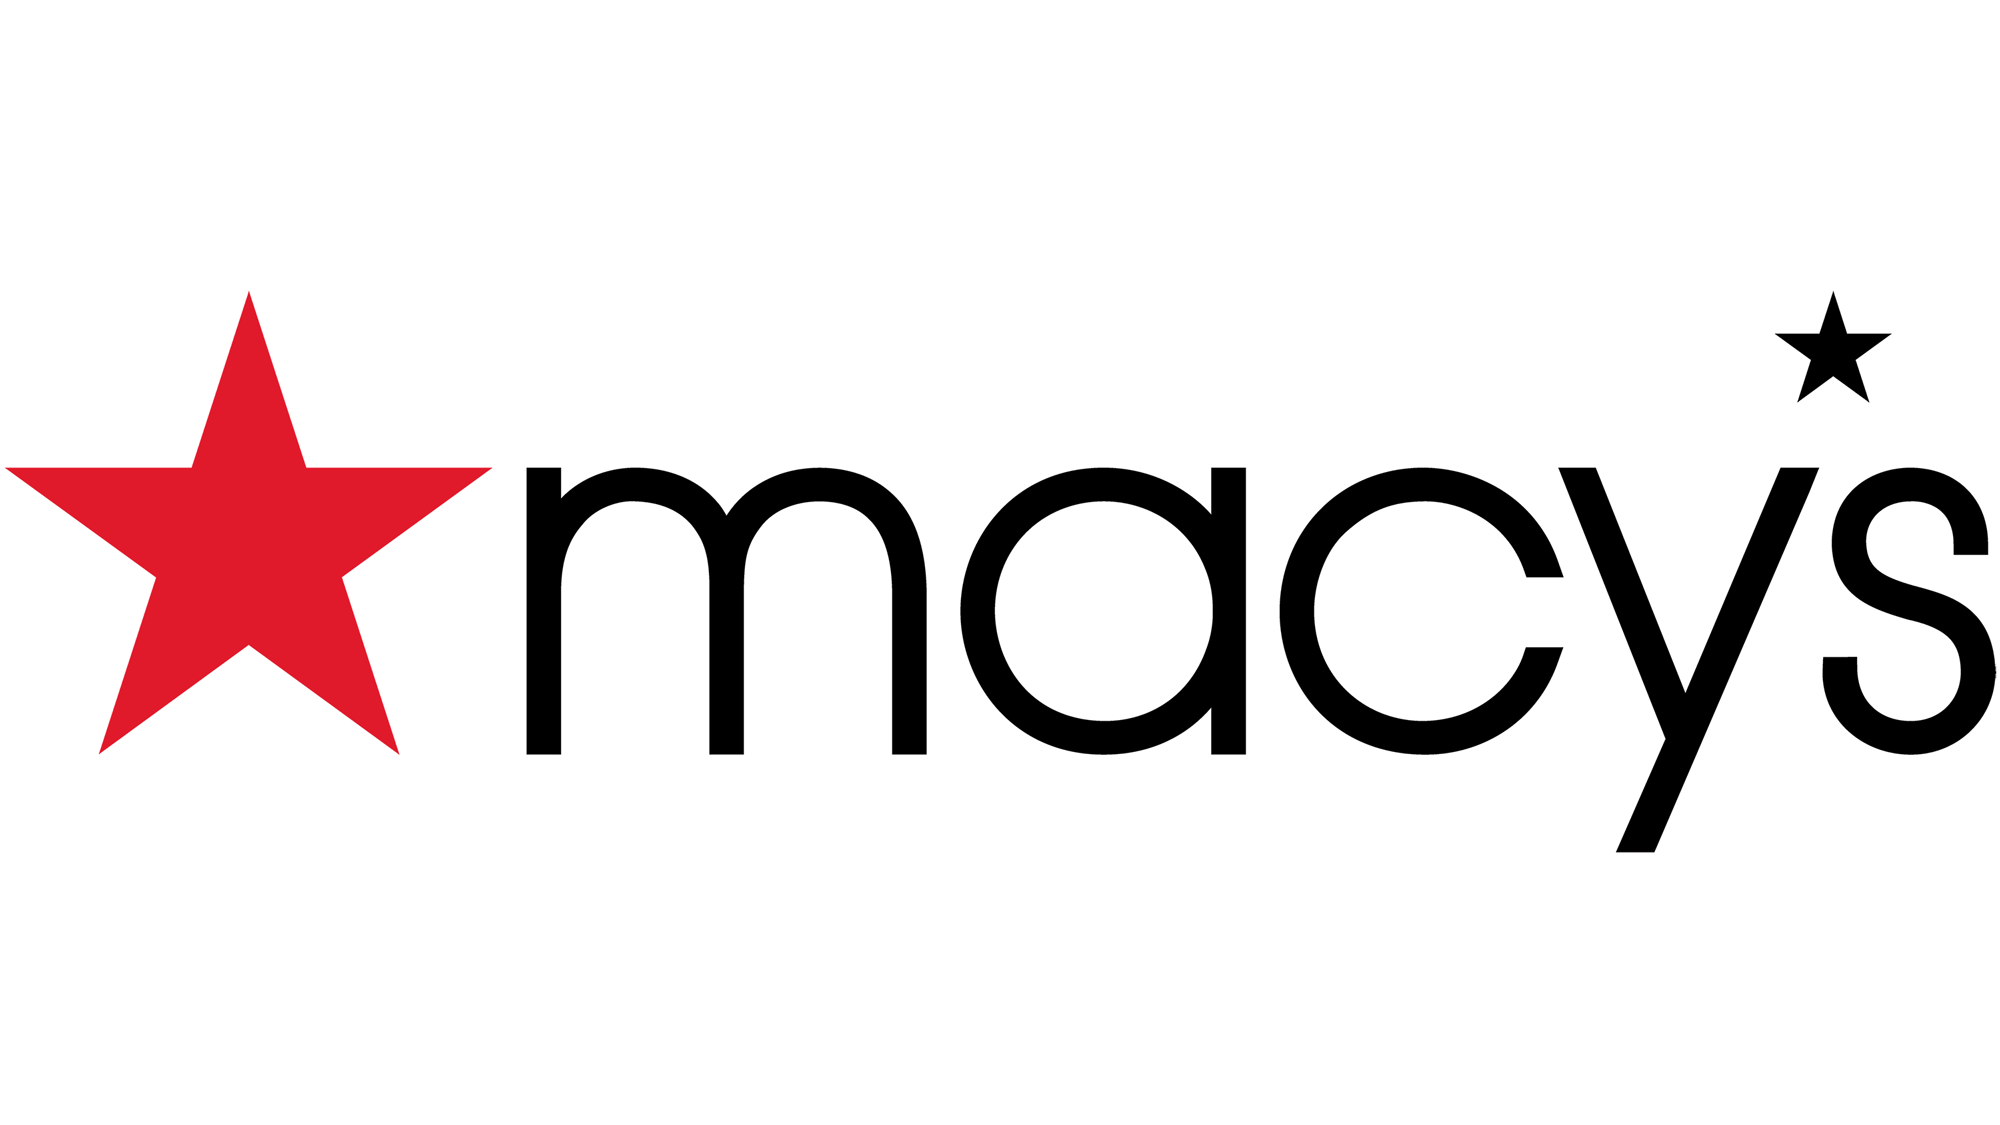 Macys.com cashback offer